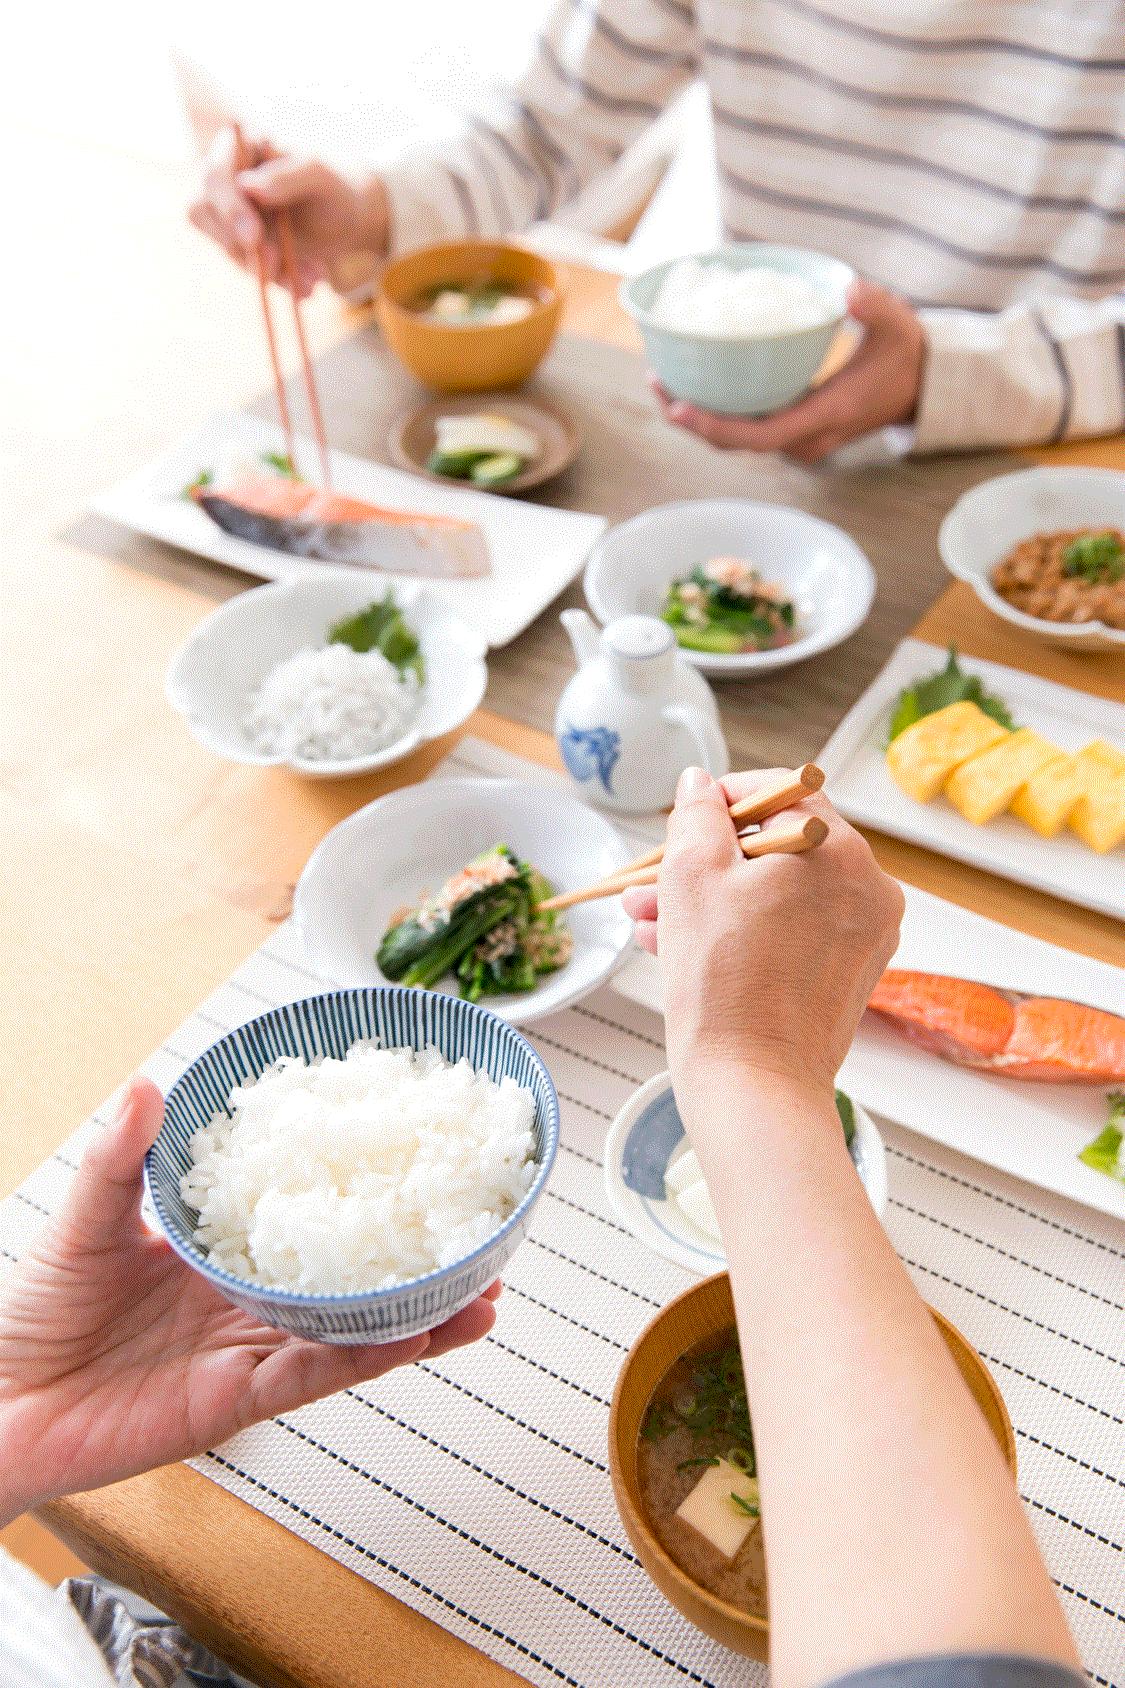 朝食をスキップすると体重が増加する 若い世代でより深刻 朝食はもっとも重要な食事